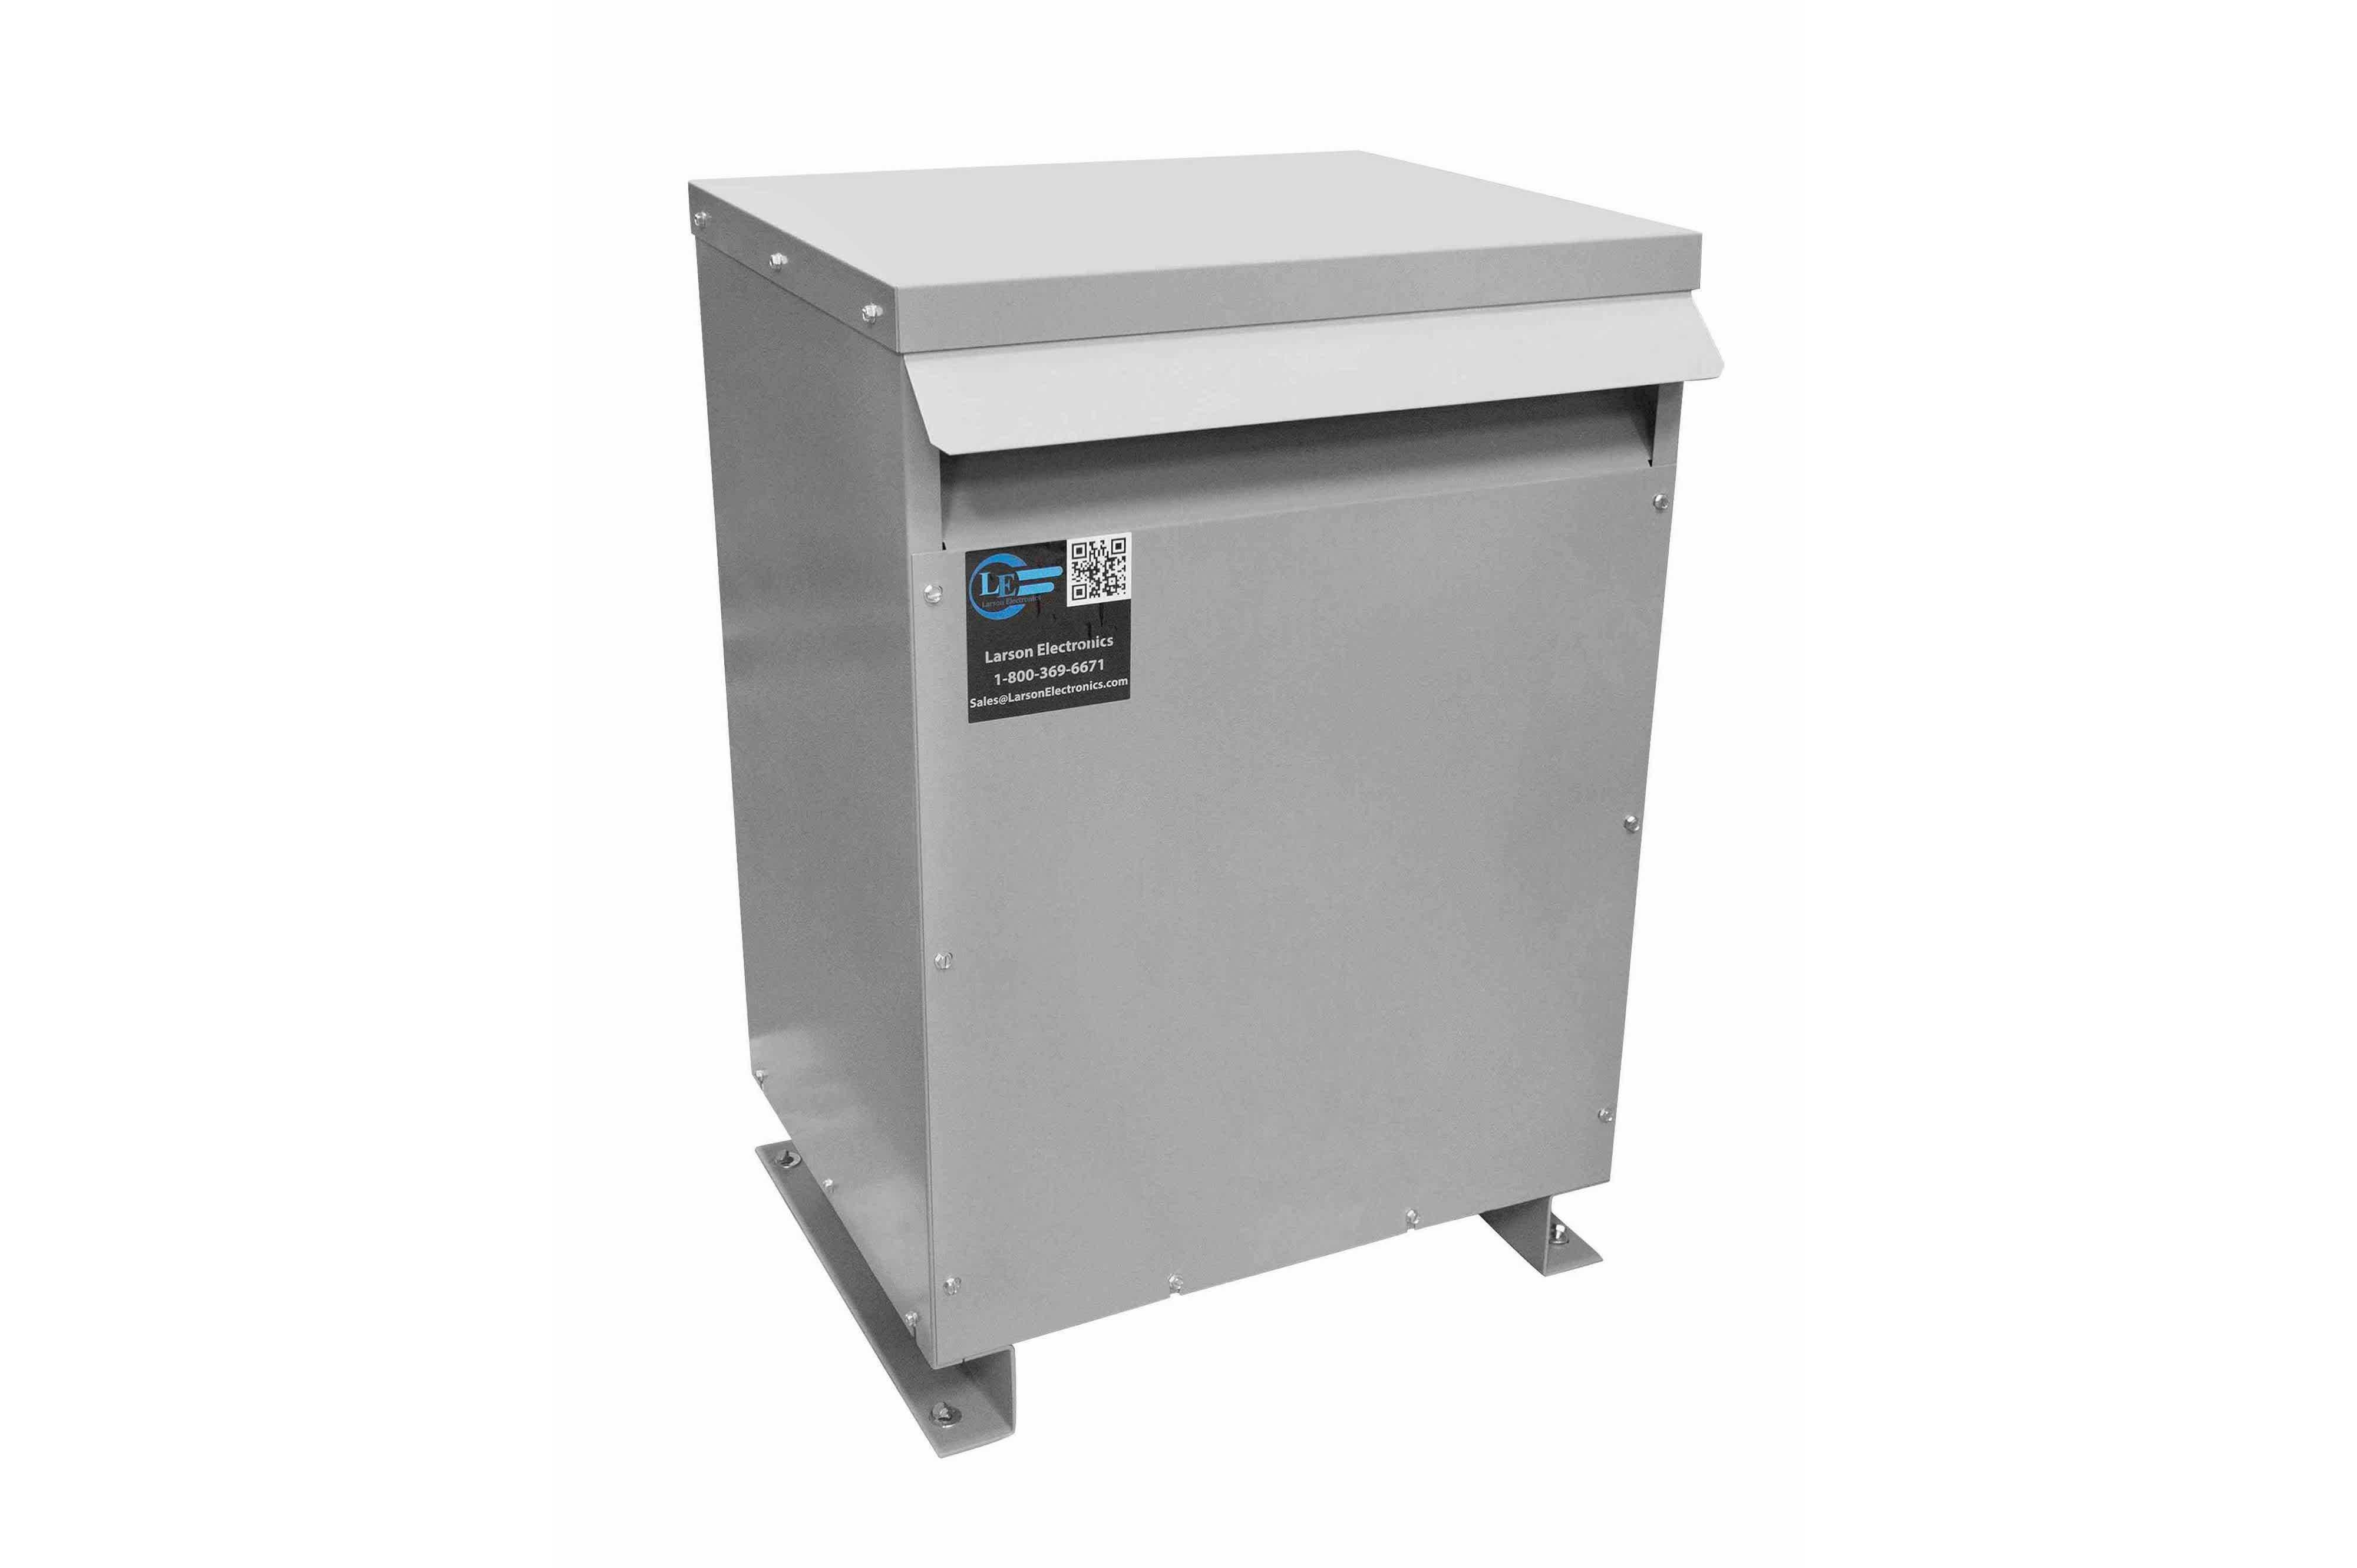 15 kVA 3PH Isolation Transformer, 208V Delta Primary, 400V Delta Secondary, N3R, Ventilated, 60 Hz